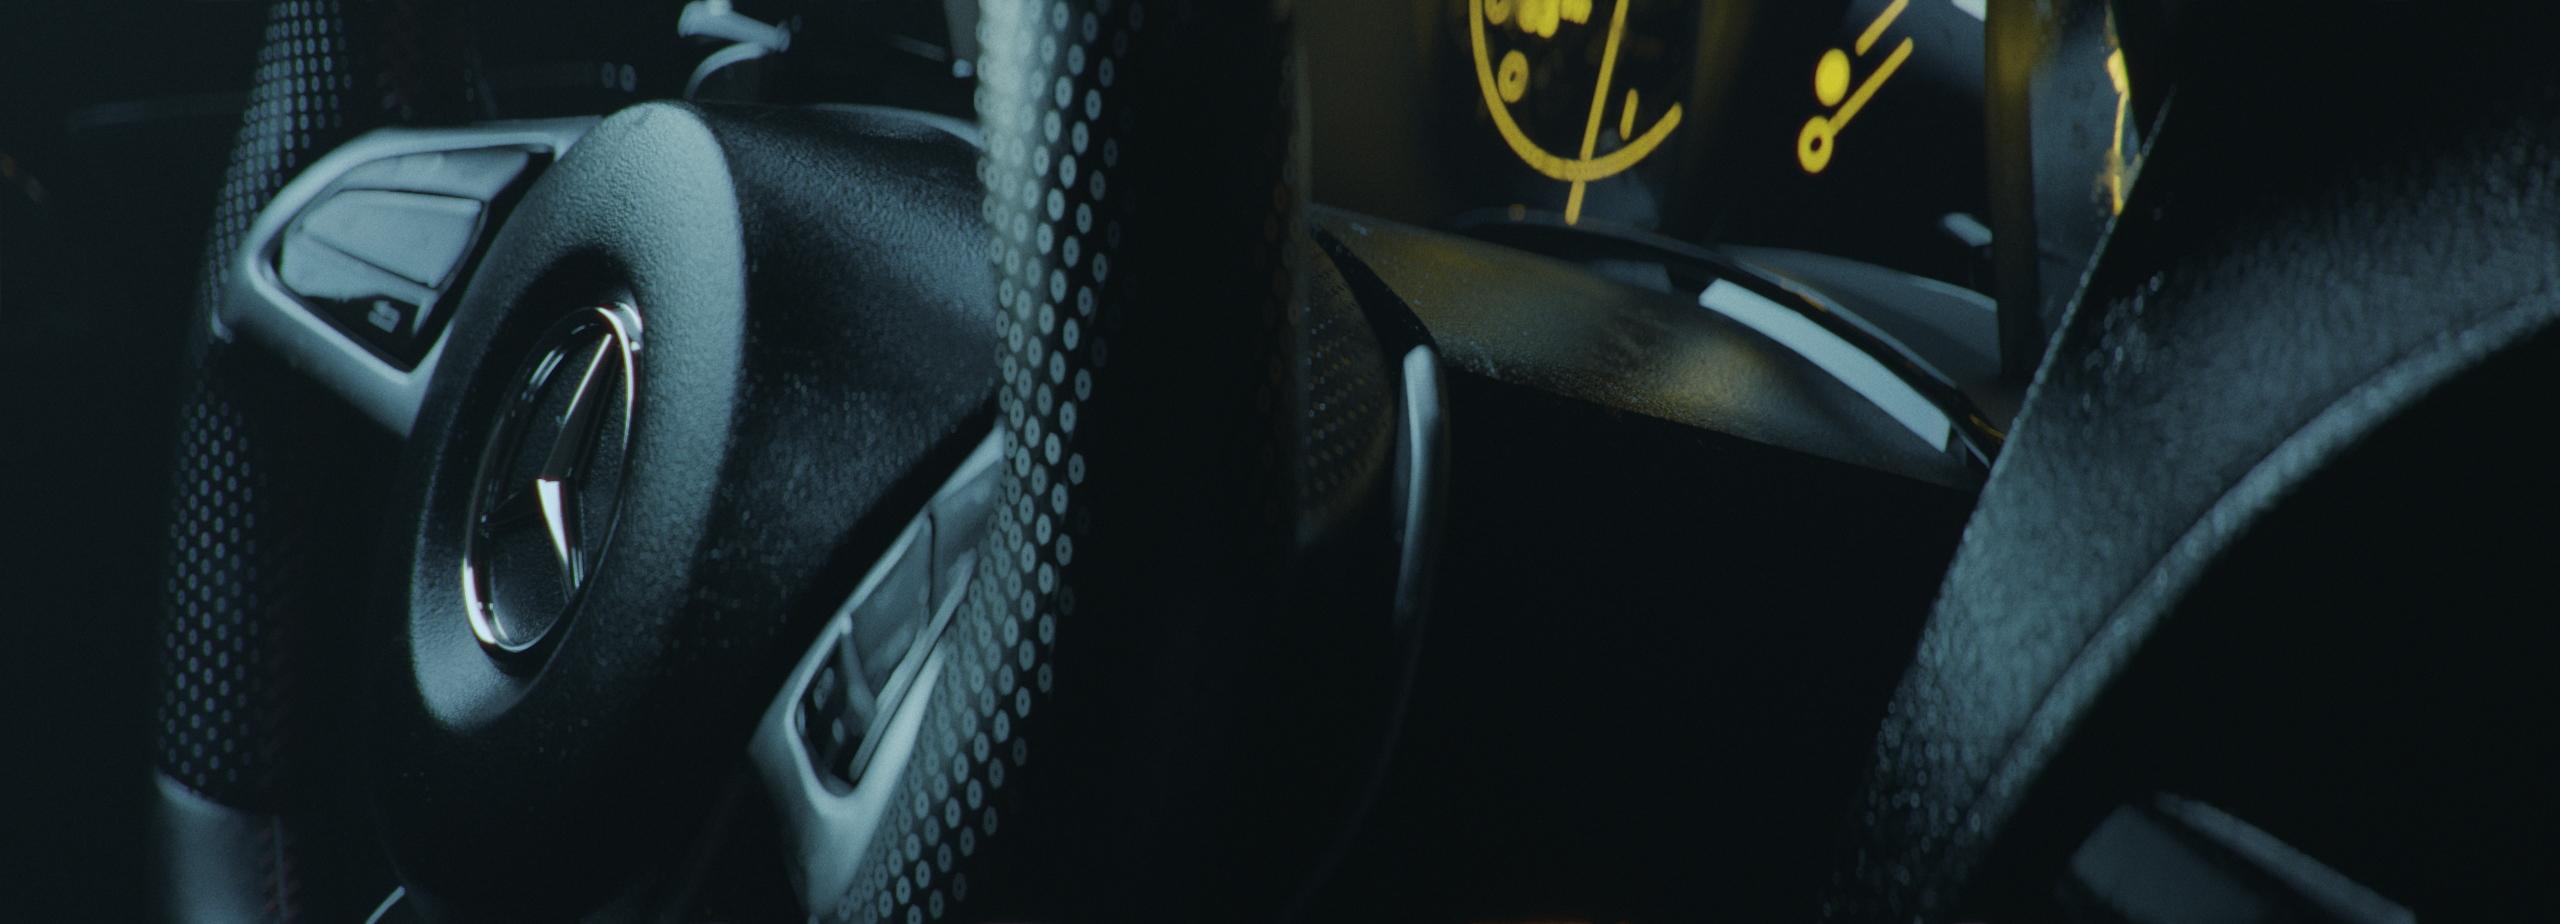 AMG_GT_interior_v08